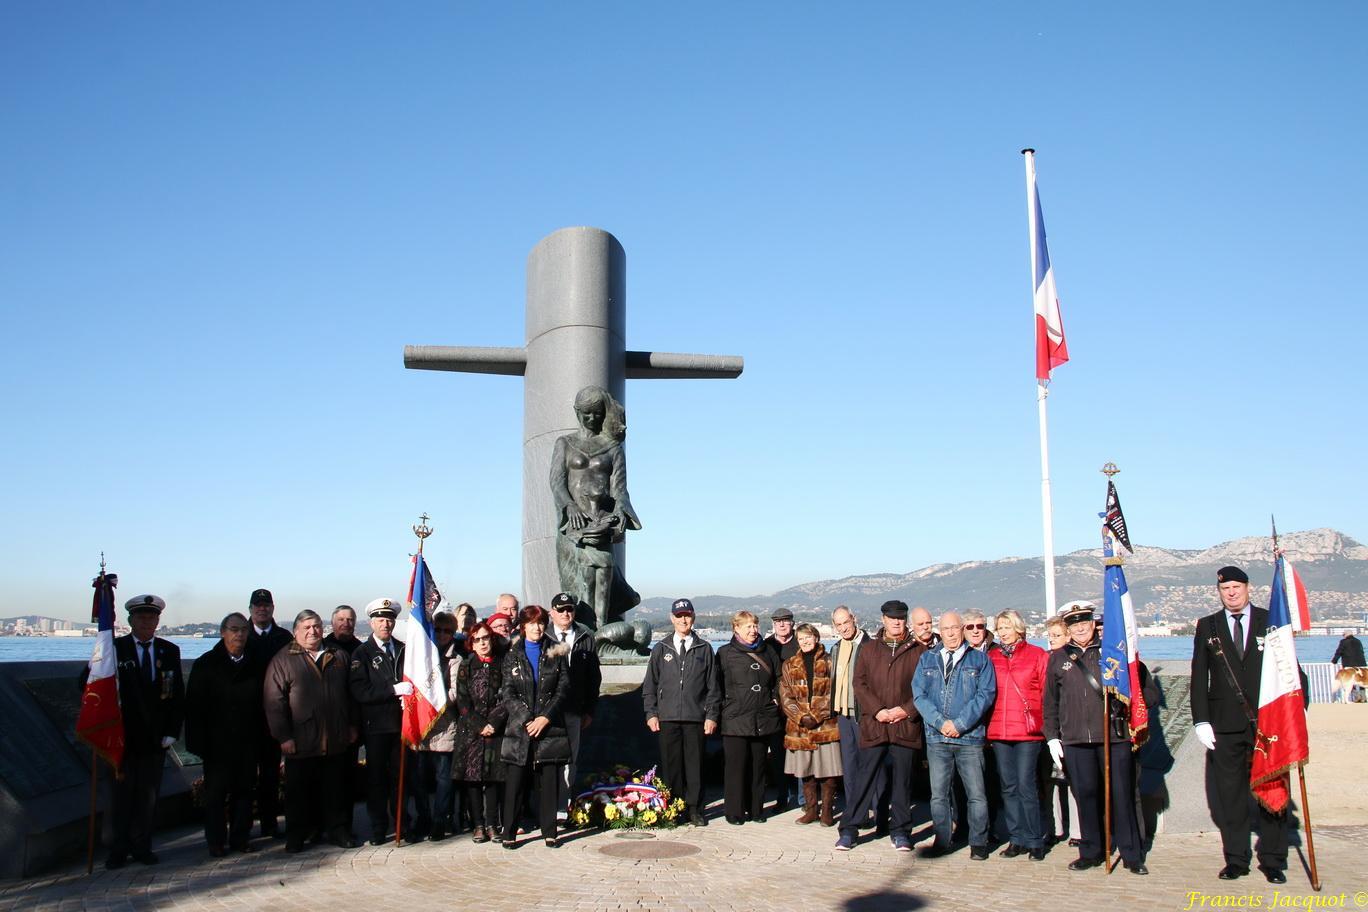 [ Associations anciens Marins ] A.G.A.S.M. Nice Côte d'Azur sect. SM Pégase - Page 7 6370128217